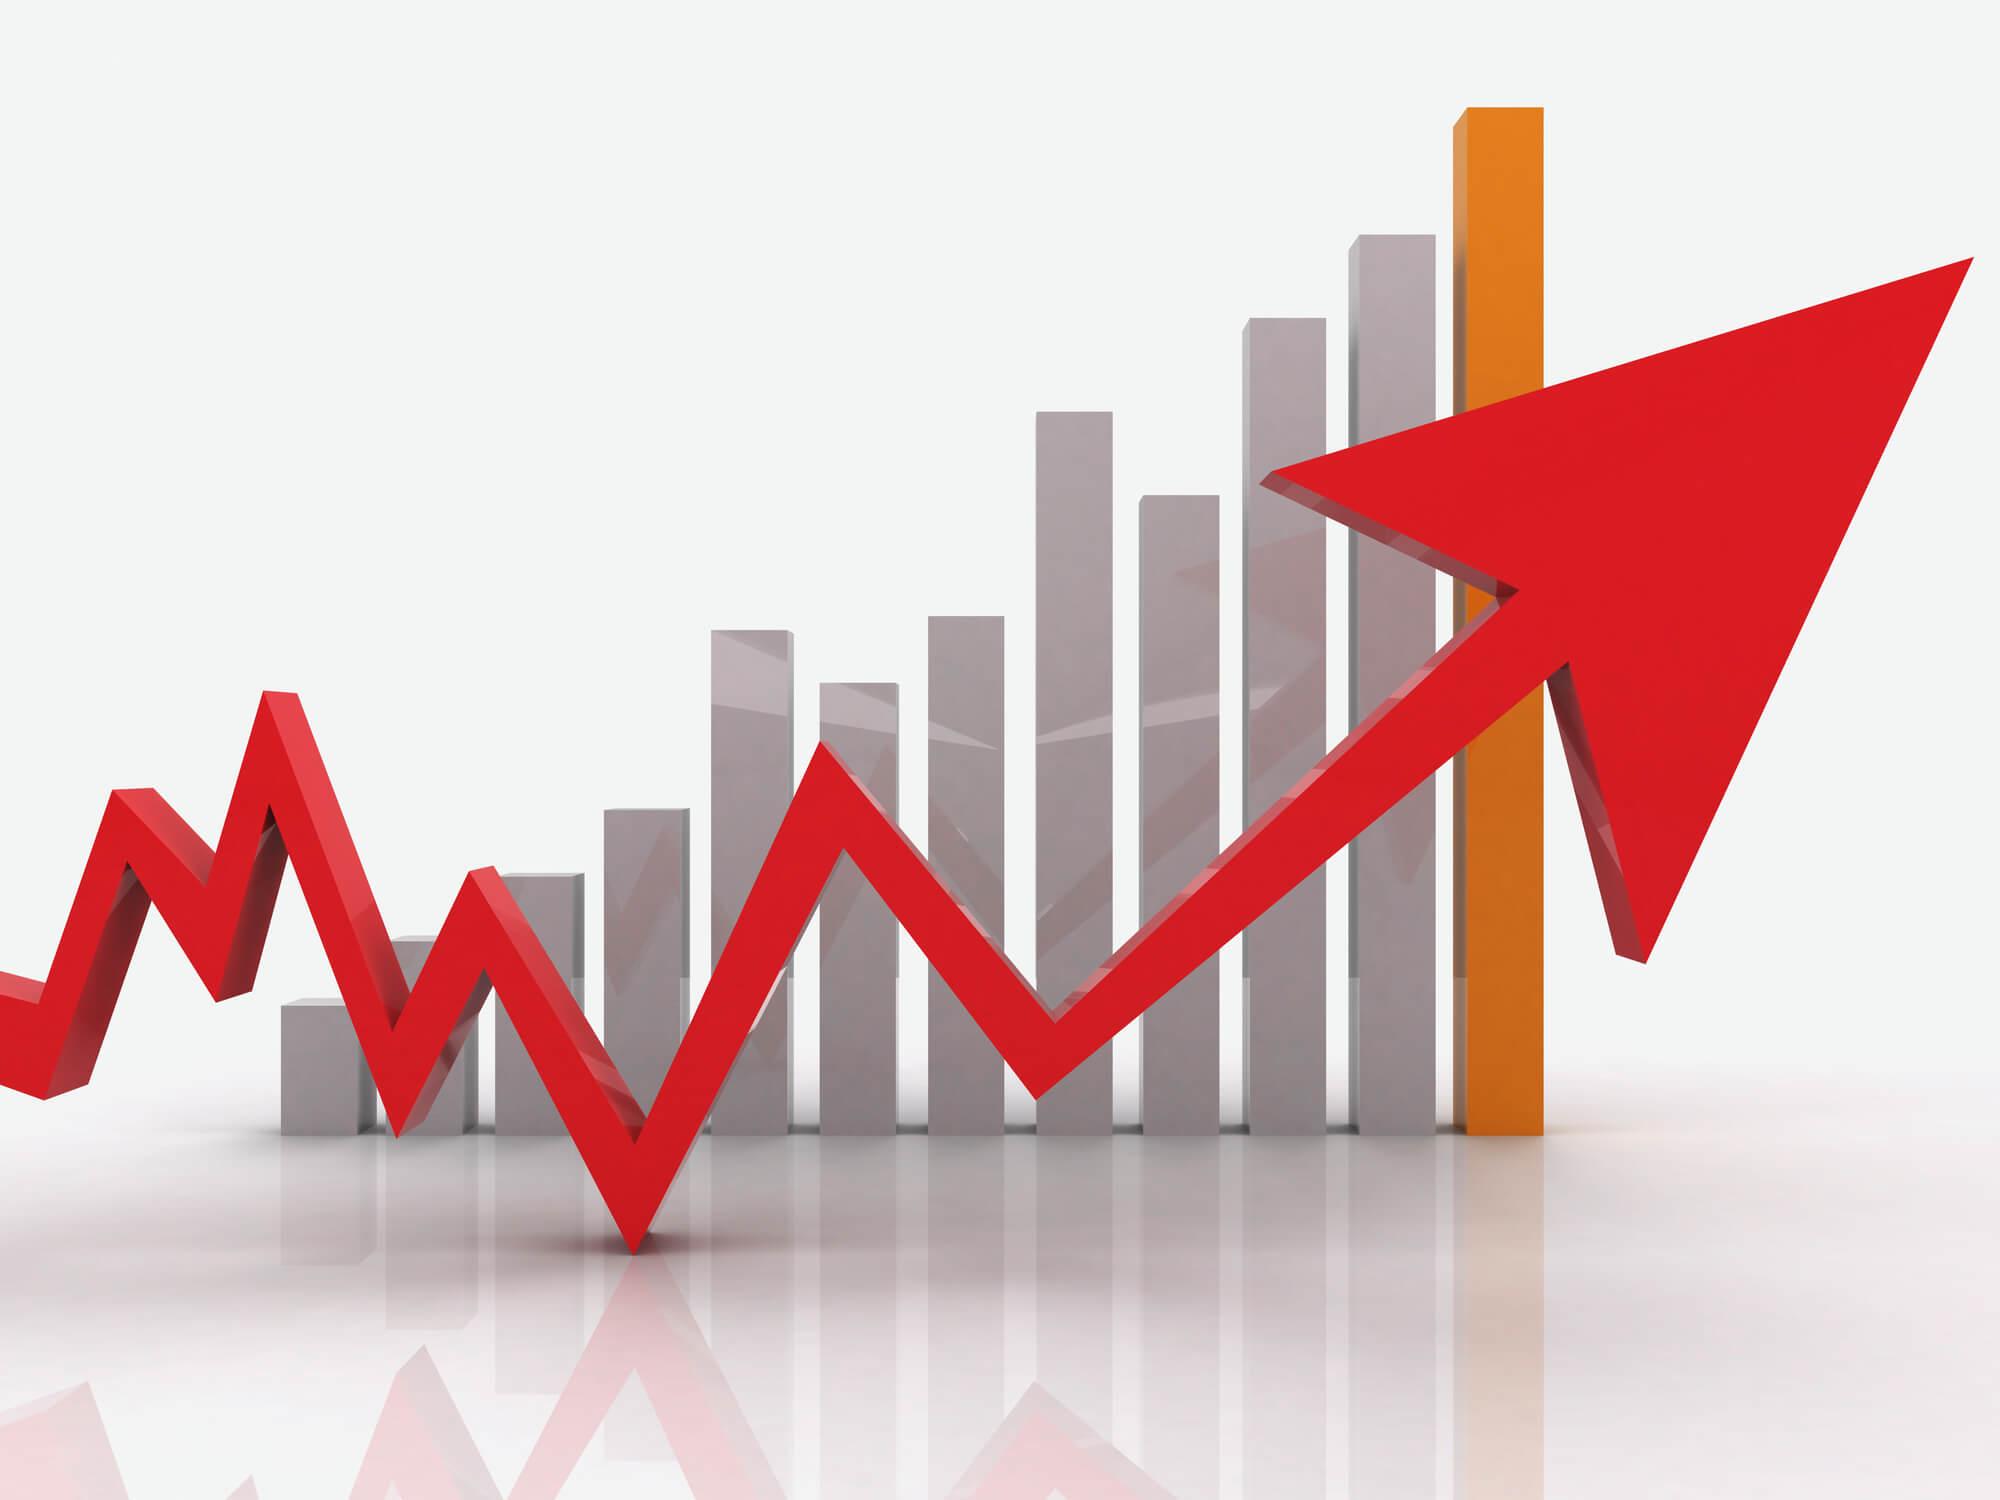 giá cả băng keo năm 2018